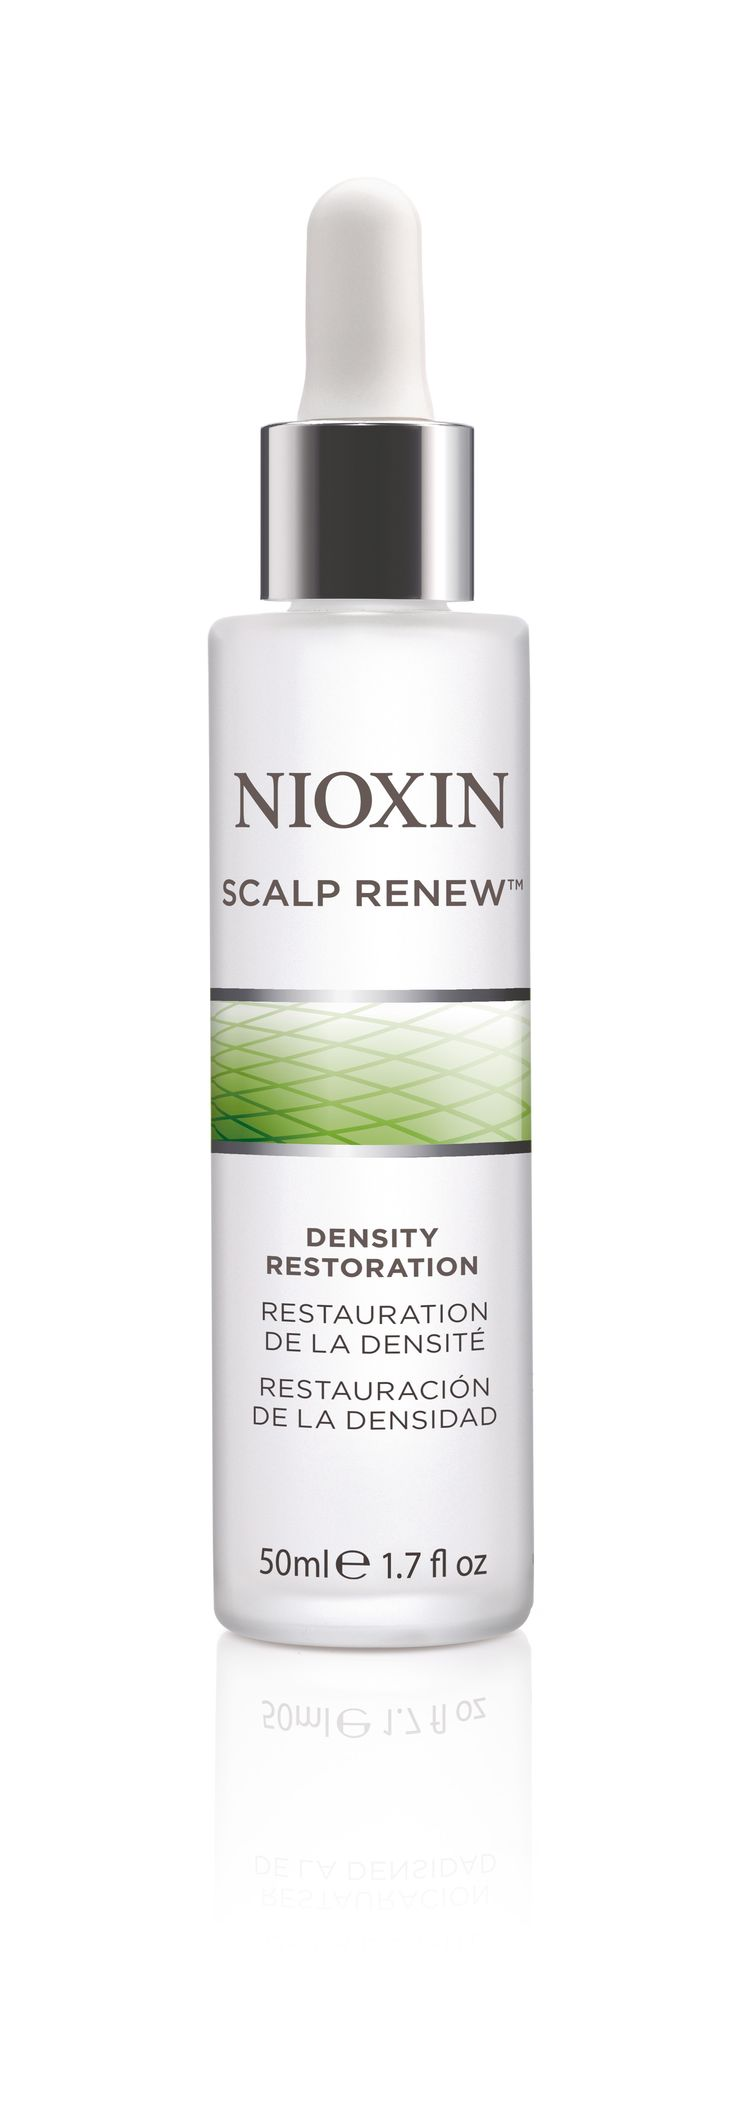 Kosmeettinen hiuspohjaan jätettävä hoitoaine. Auttaa uudistamaan ihon pintaa! #HiustaloJes #Nioxin #Scalp #Renew #Protection